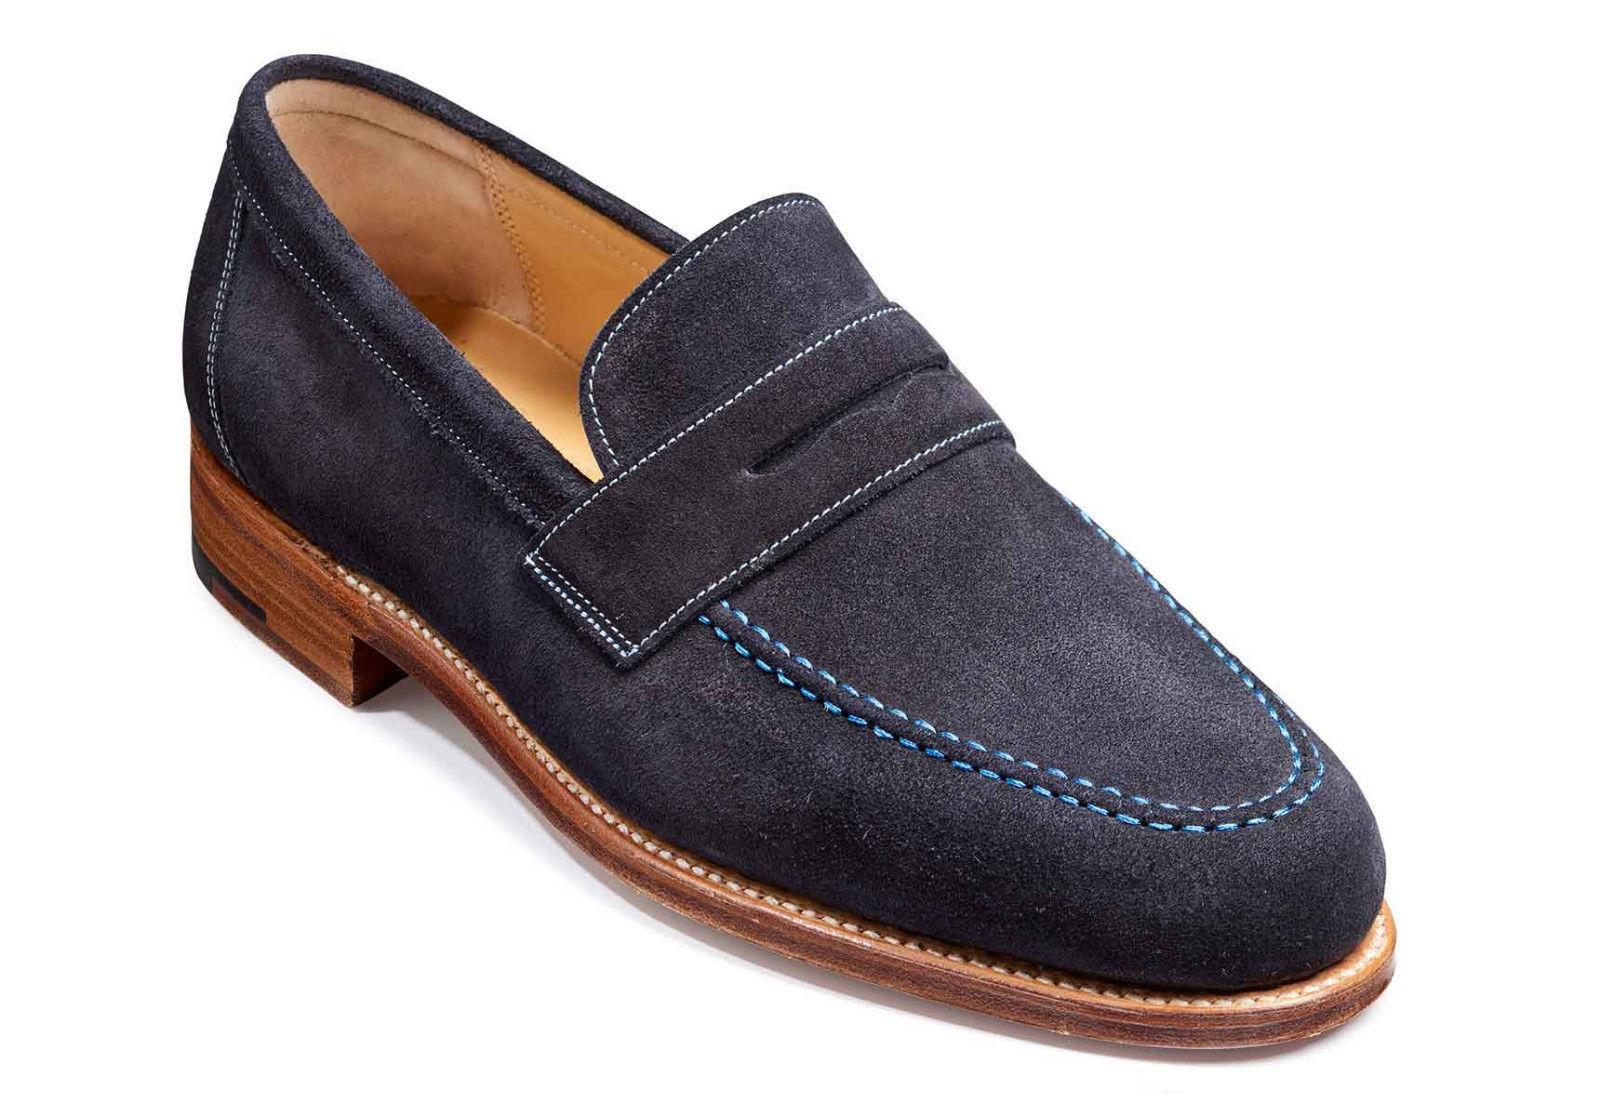 Men's Navy Blue Color Penny Loafer Slip On Suede Leather ...